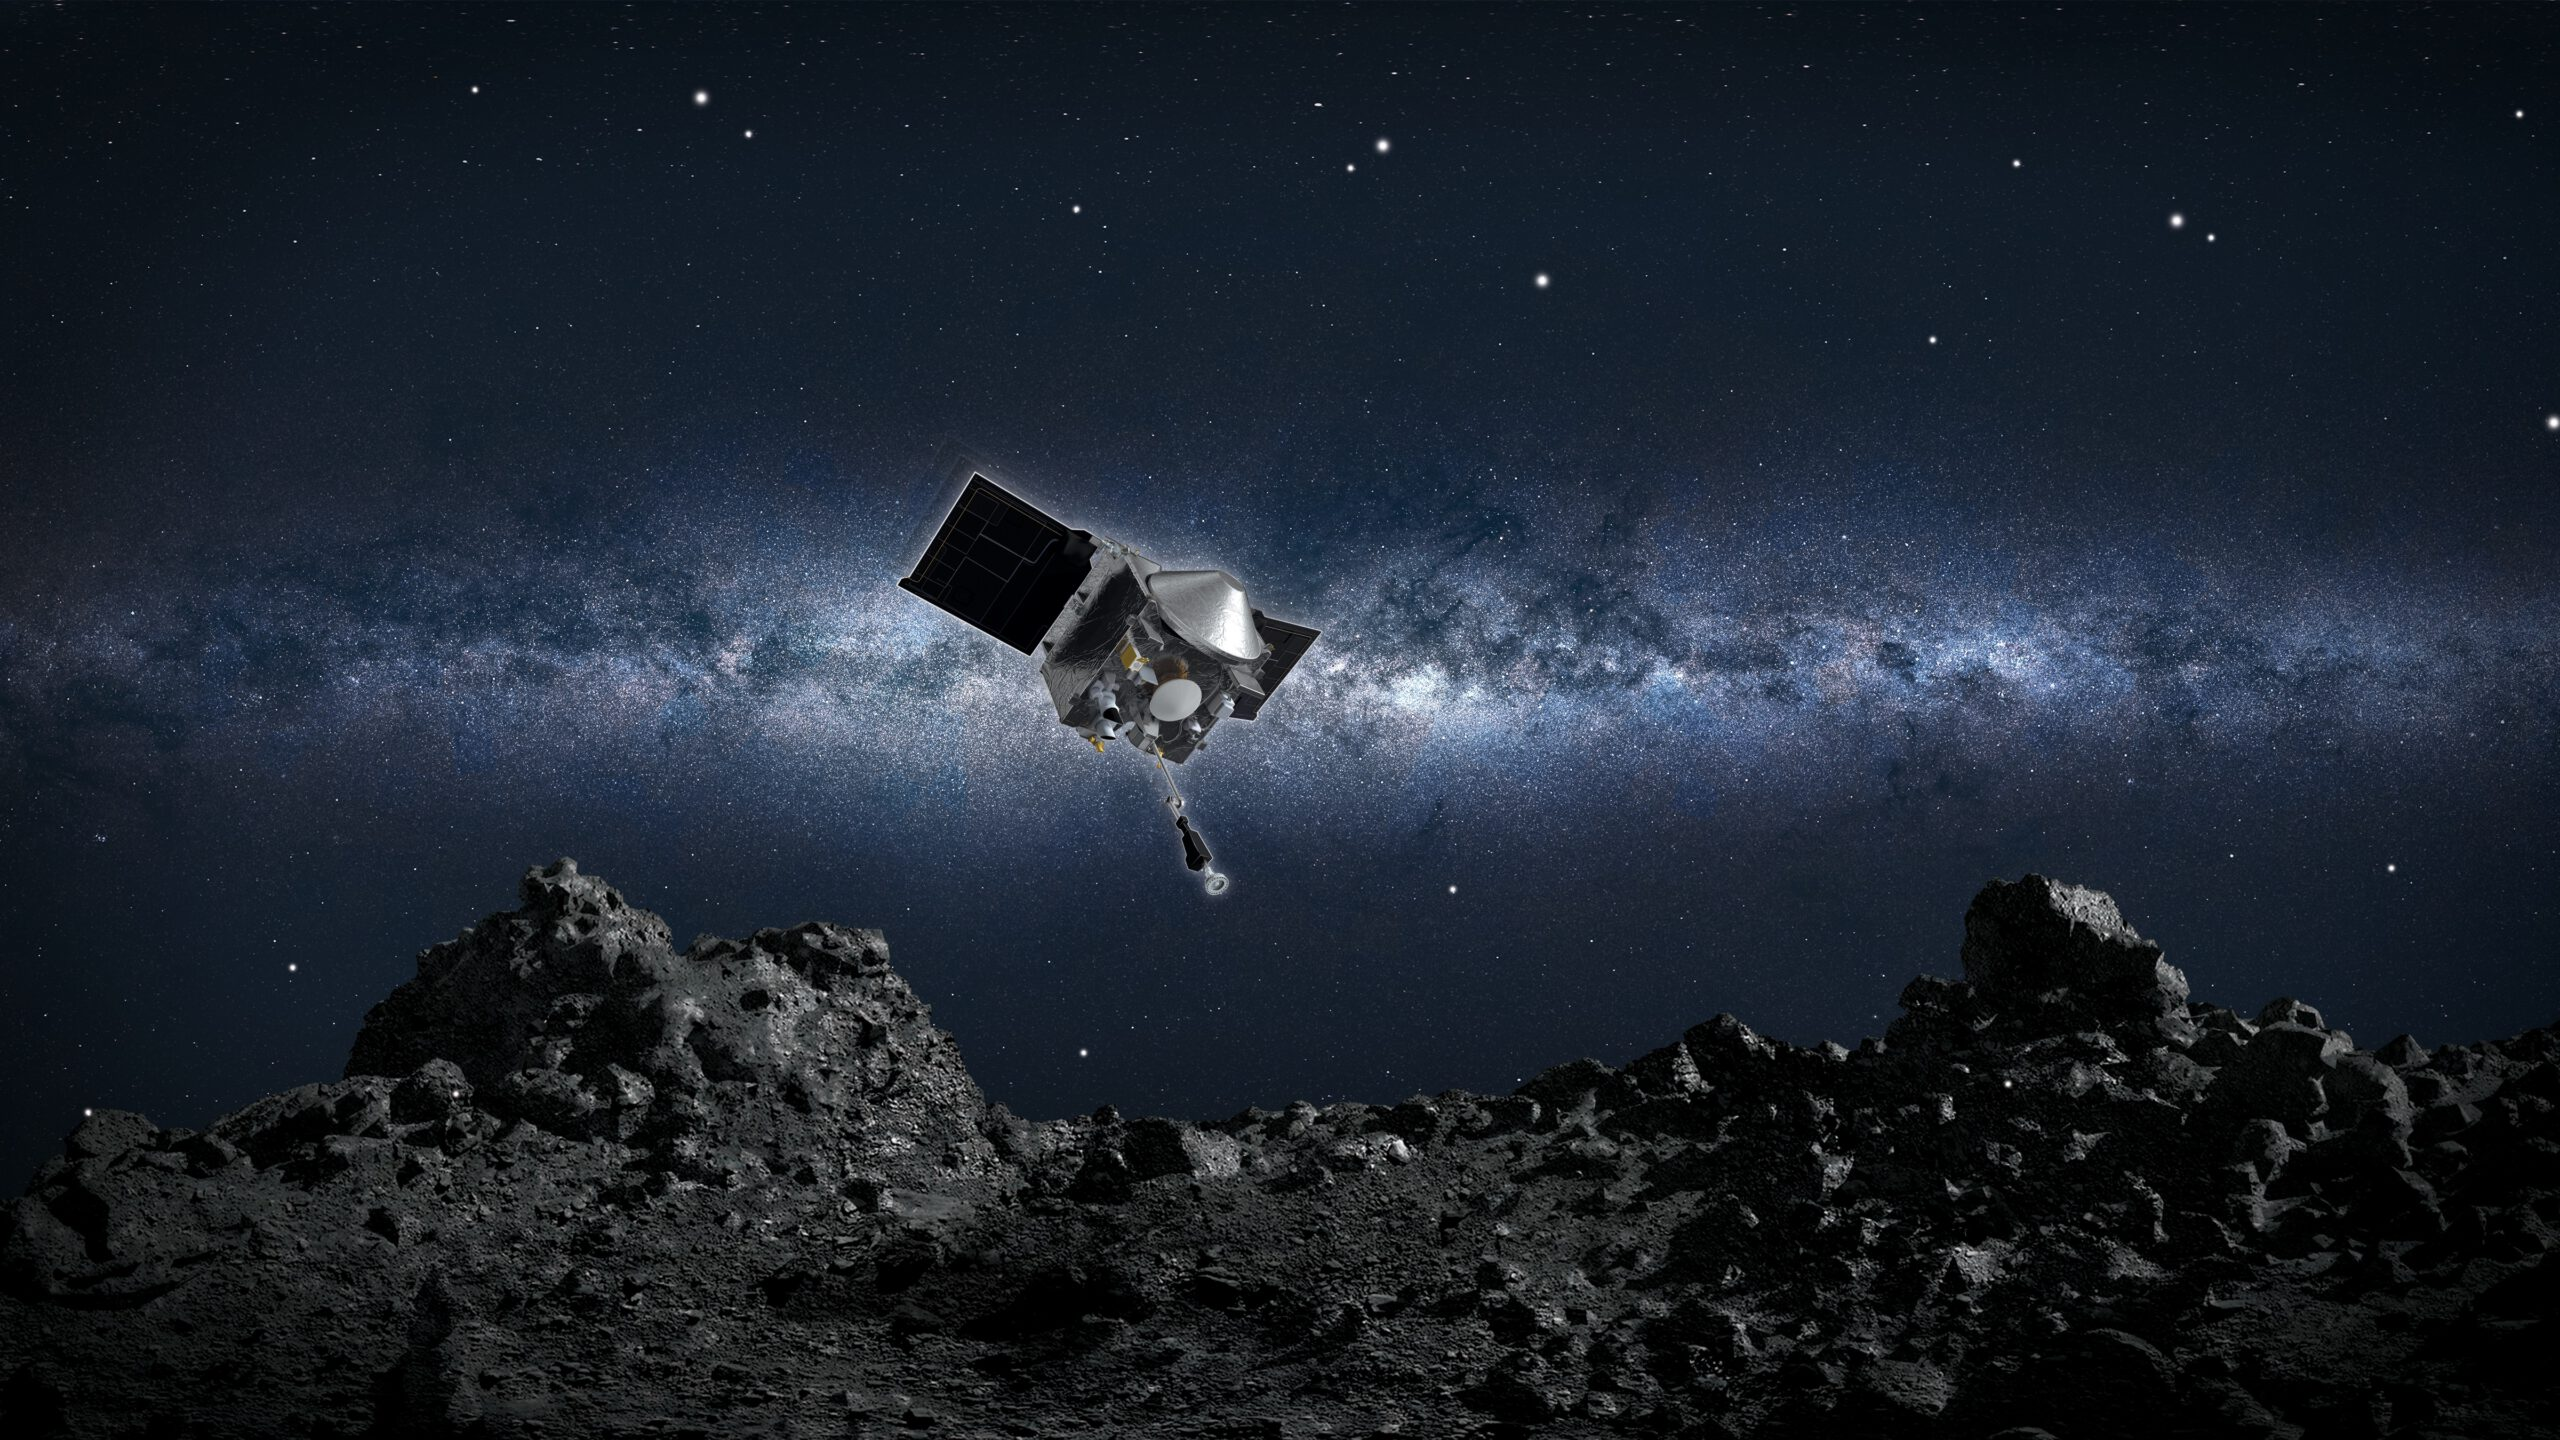 La sonda Osiris Rex tocarà un asteroide aquesta mateixa nit, recollirà mostres i les tornarà a la Terra